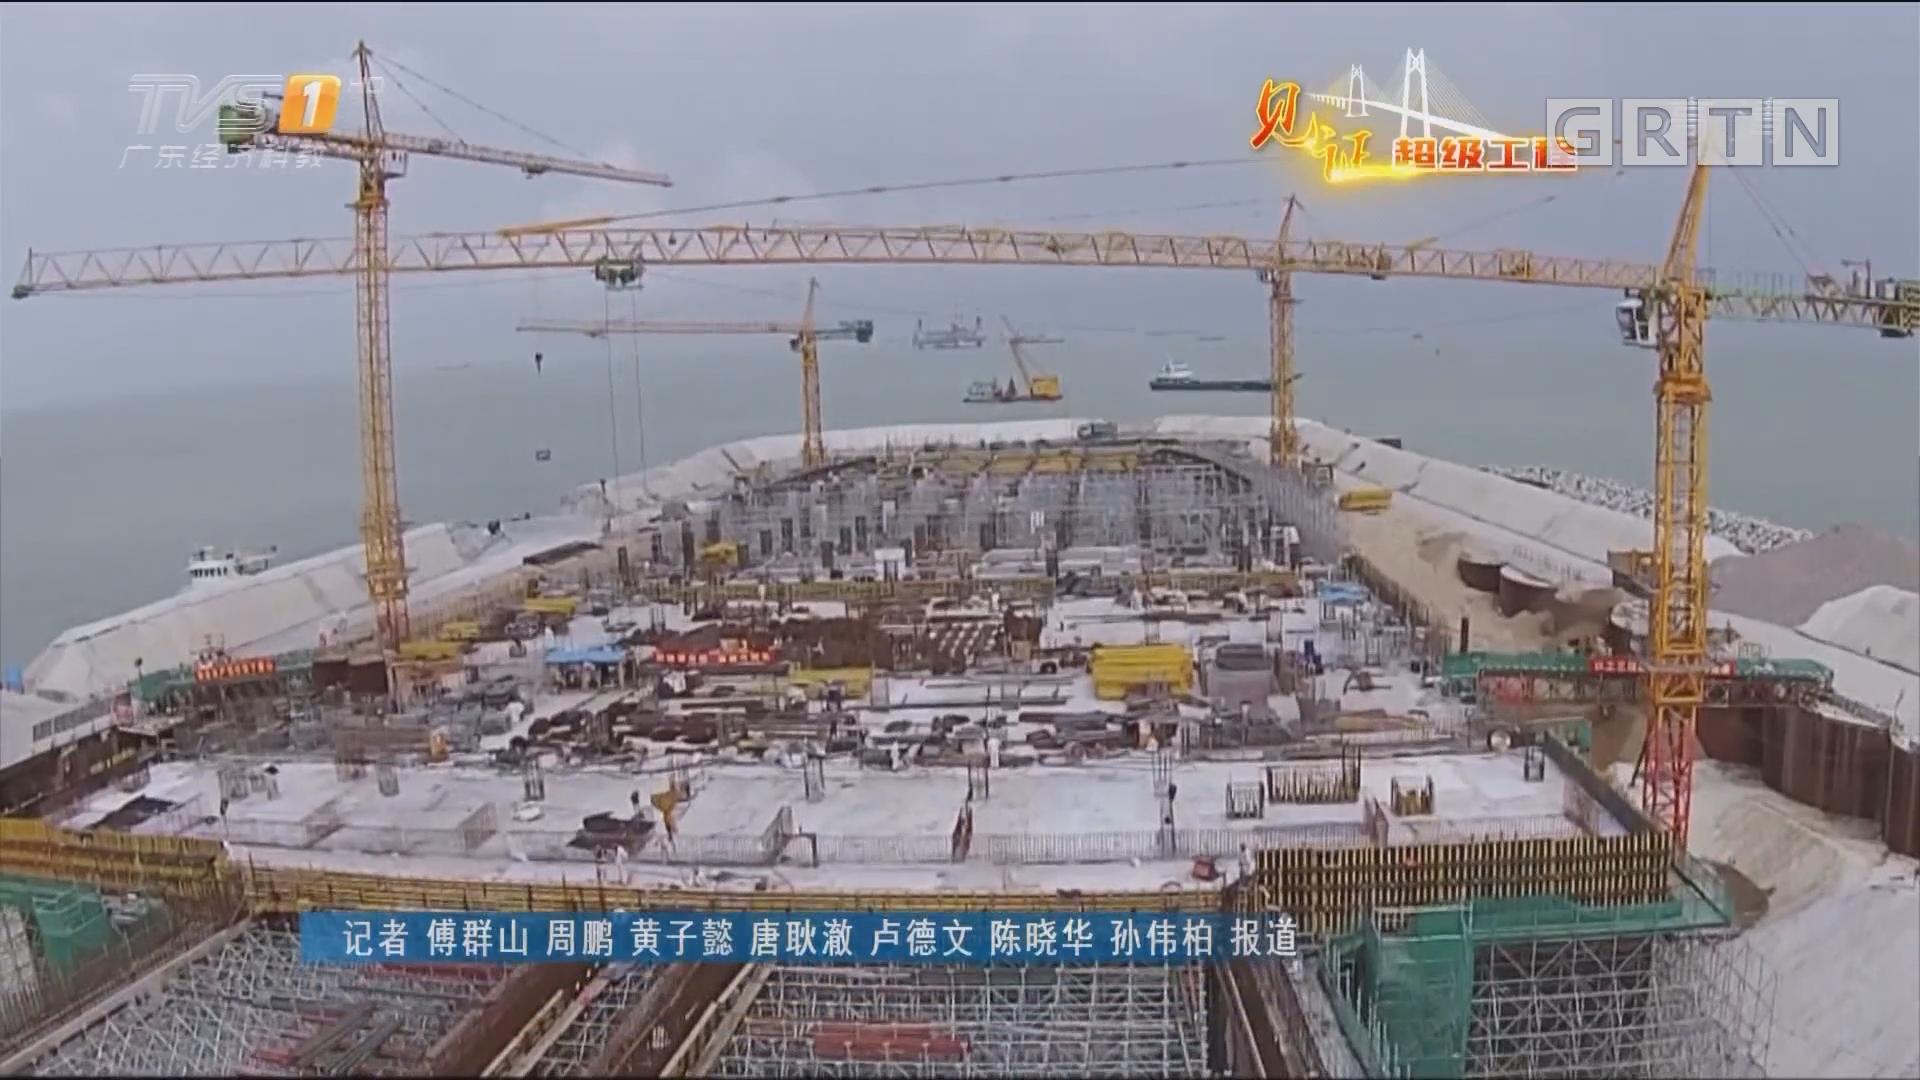 港珠澳大桥:九年磨炼 成就超级工程